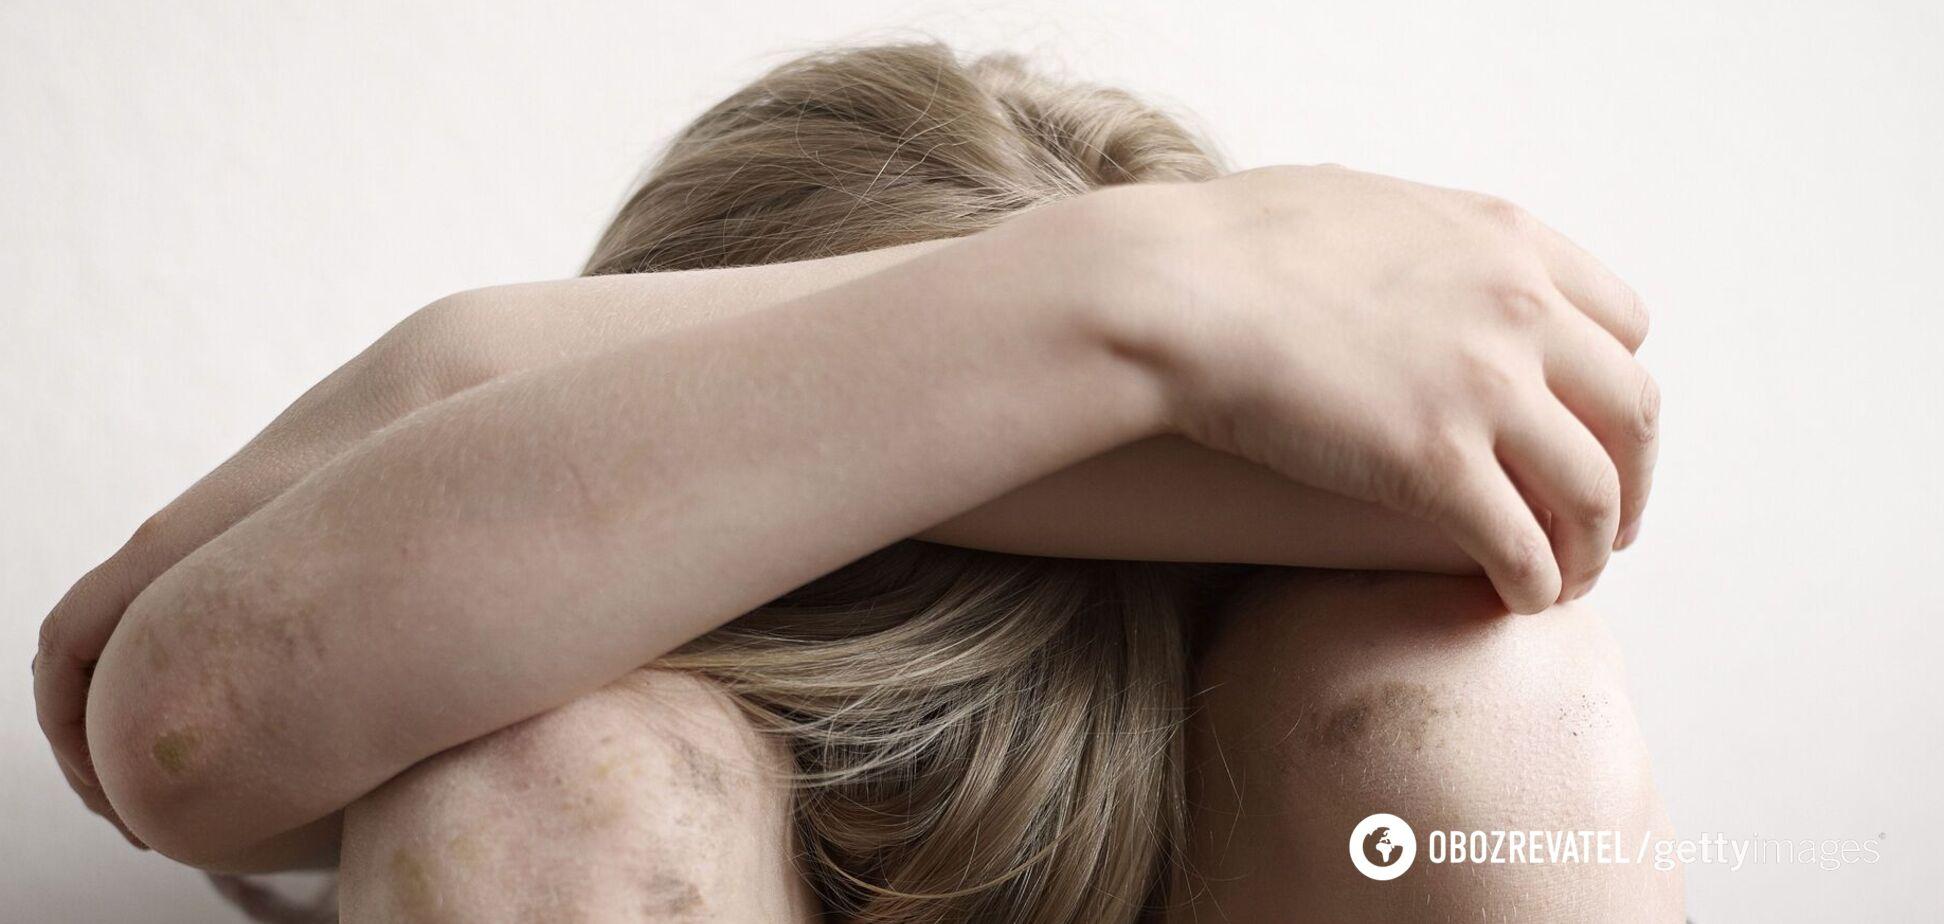 В Херсоне врачи нашли на теле малыша следы побоев: опекун заявила, что ребенок упал